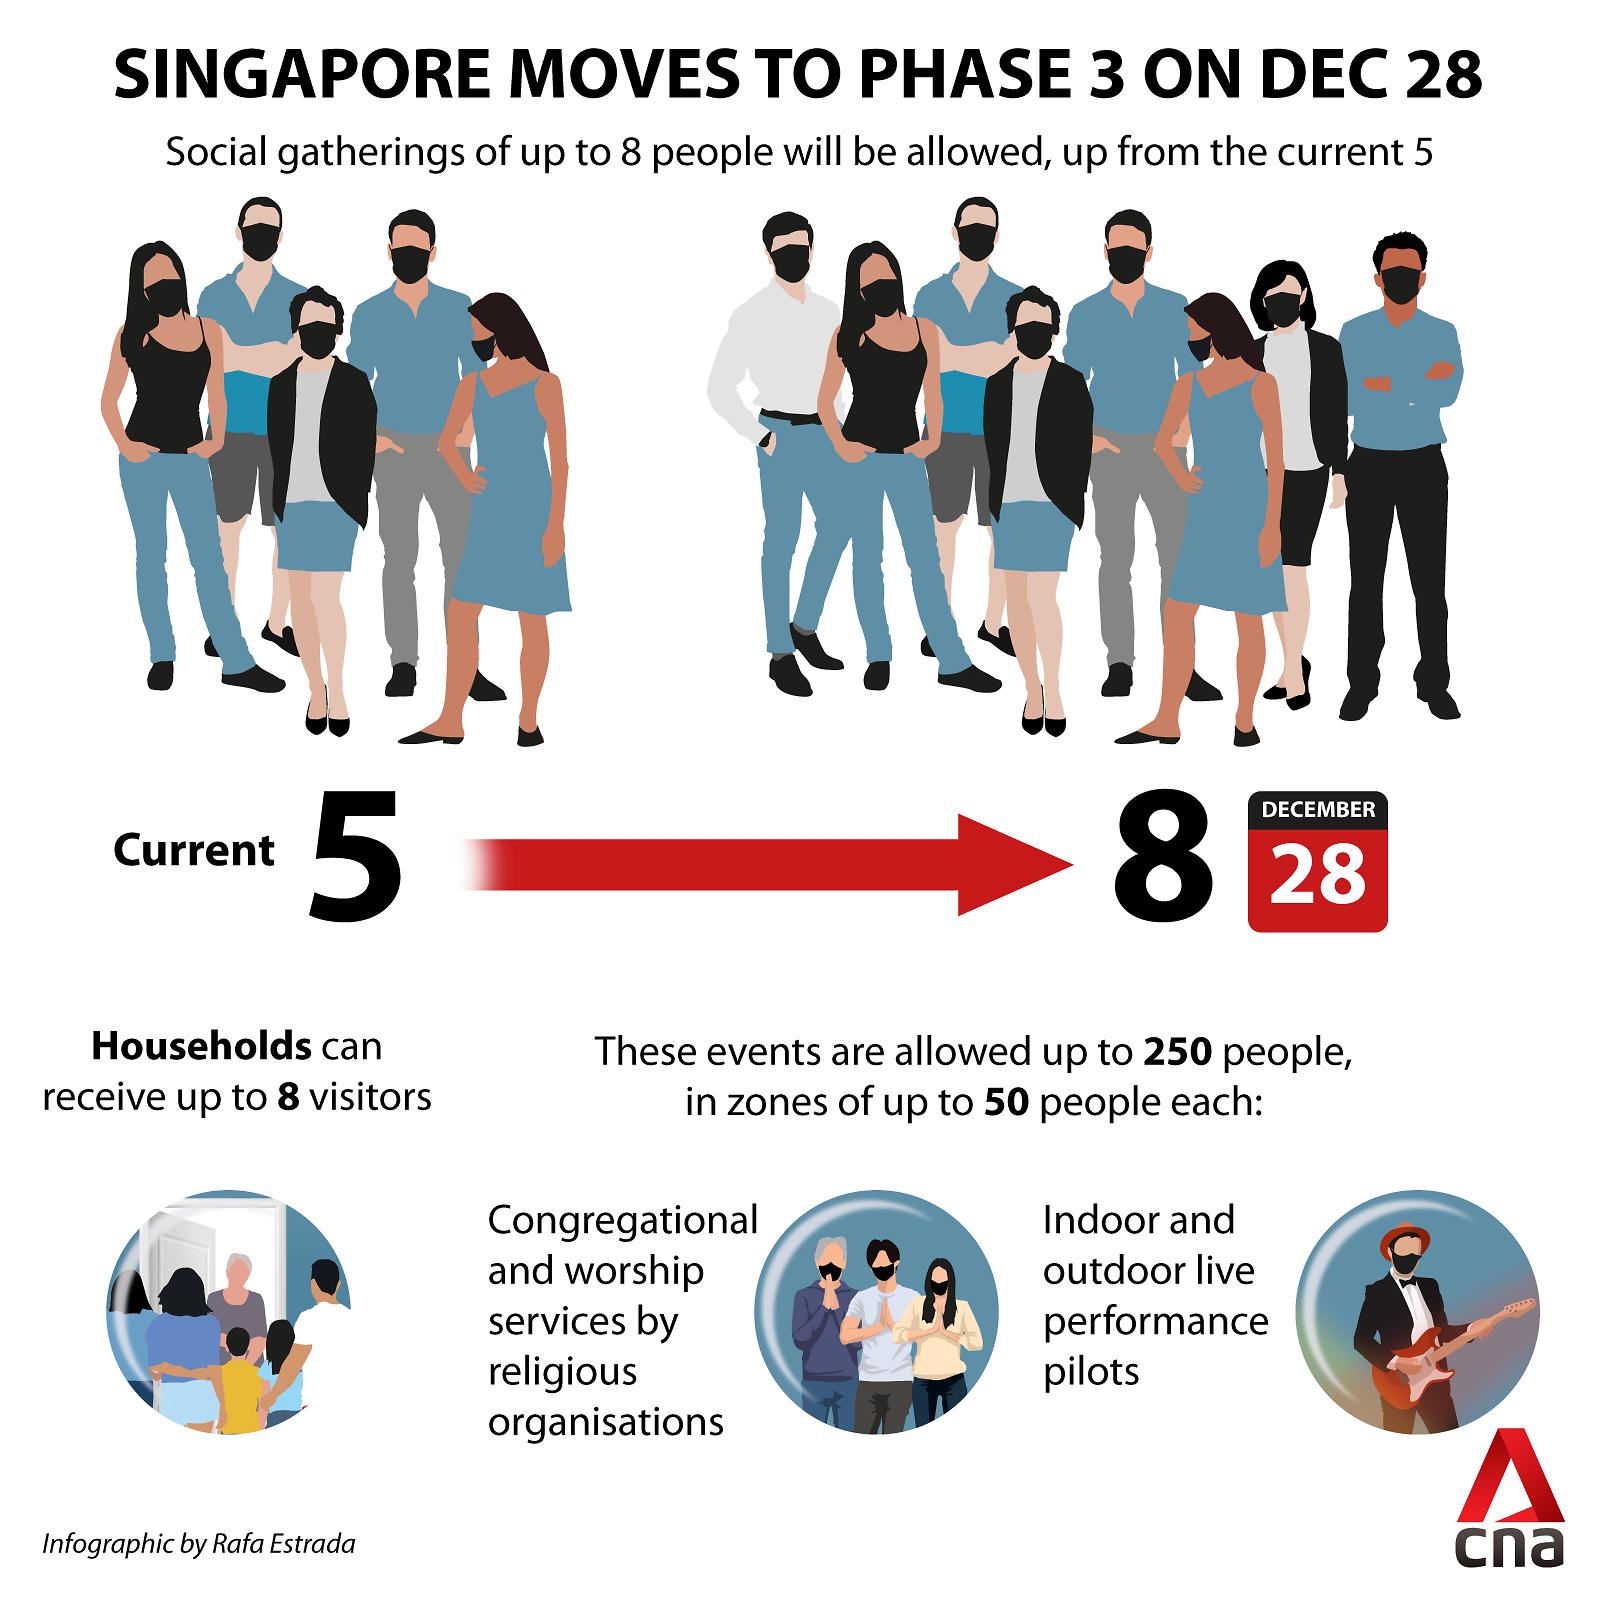 싱가포르 Phase 3 적용